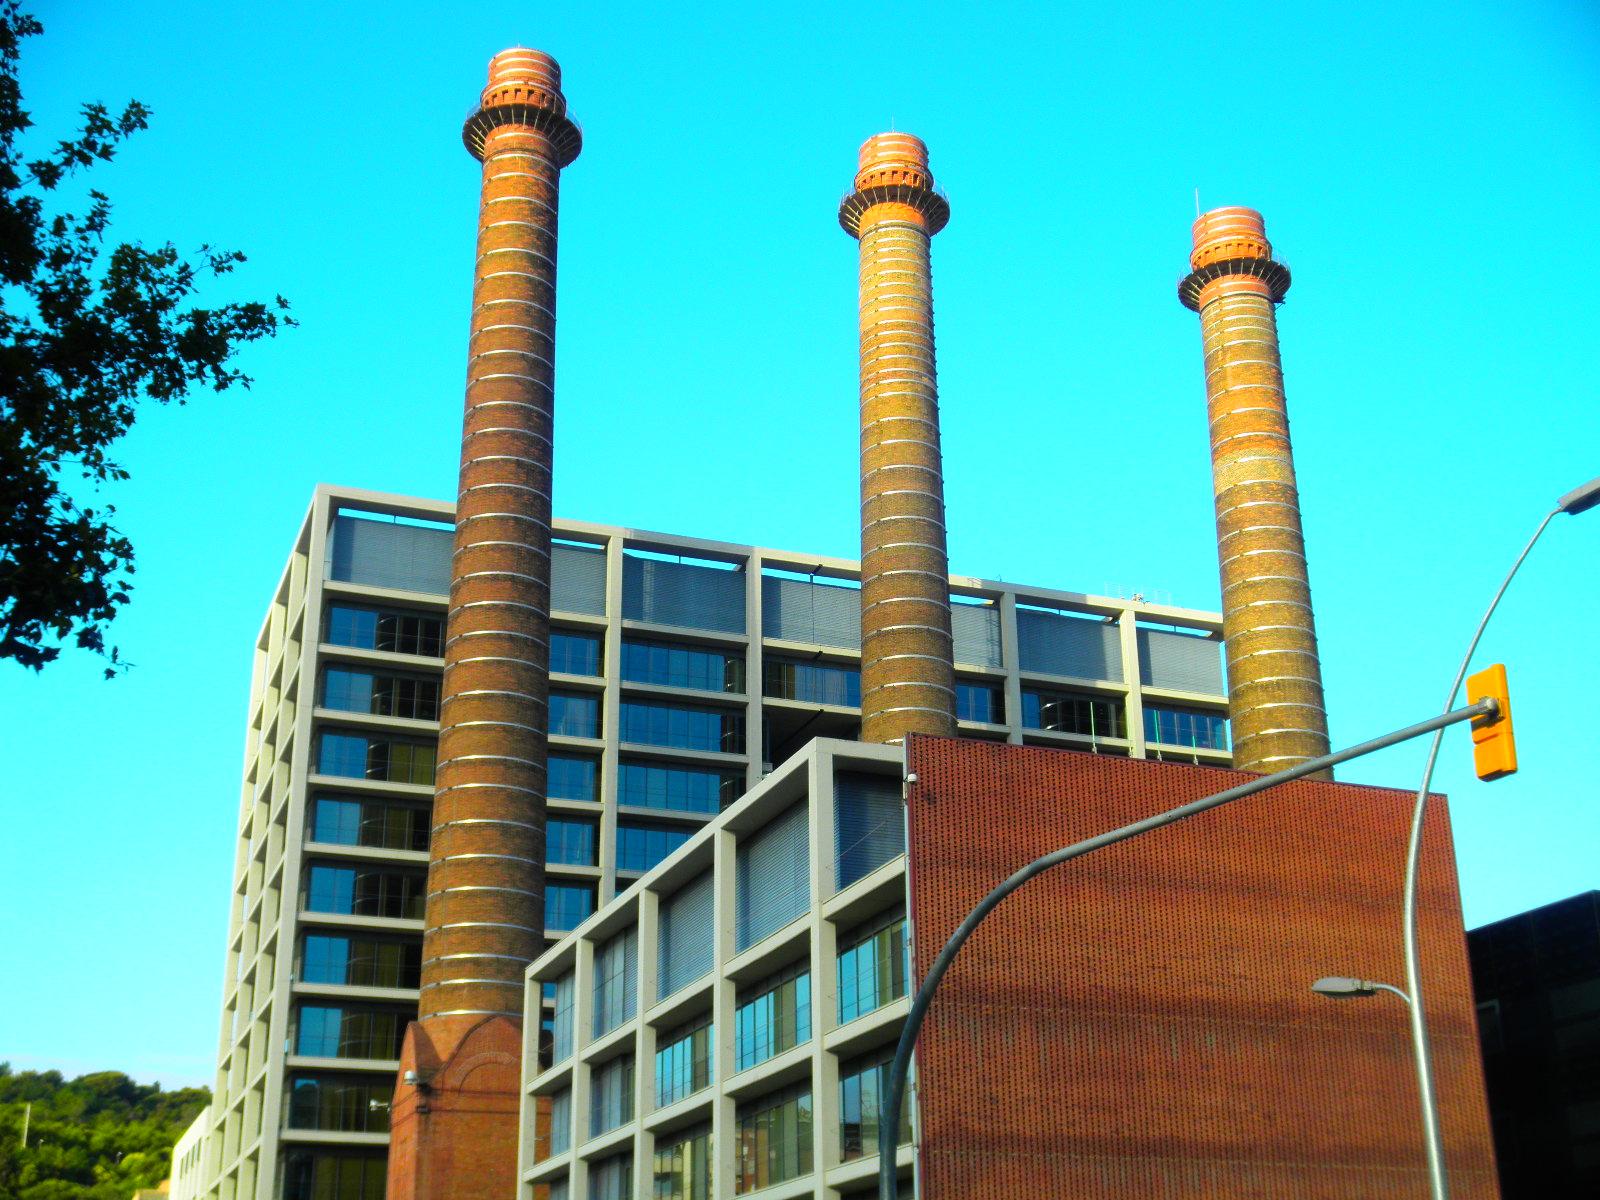 Las tres chimeneas de barcelona fotos de otras ciudades y pa ses - Chimeneas barcelona ...